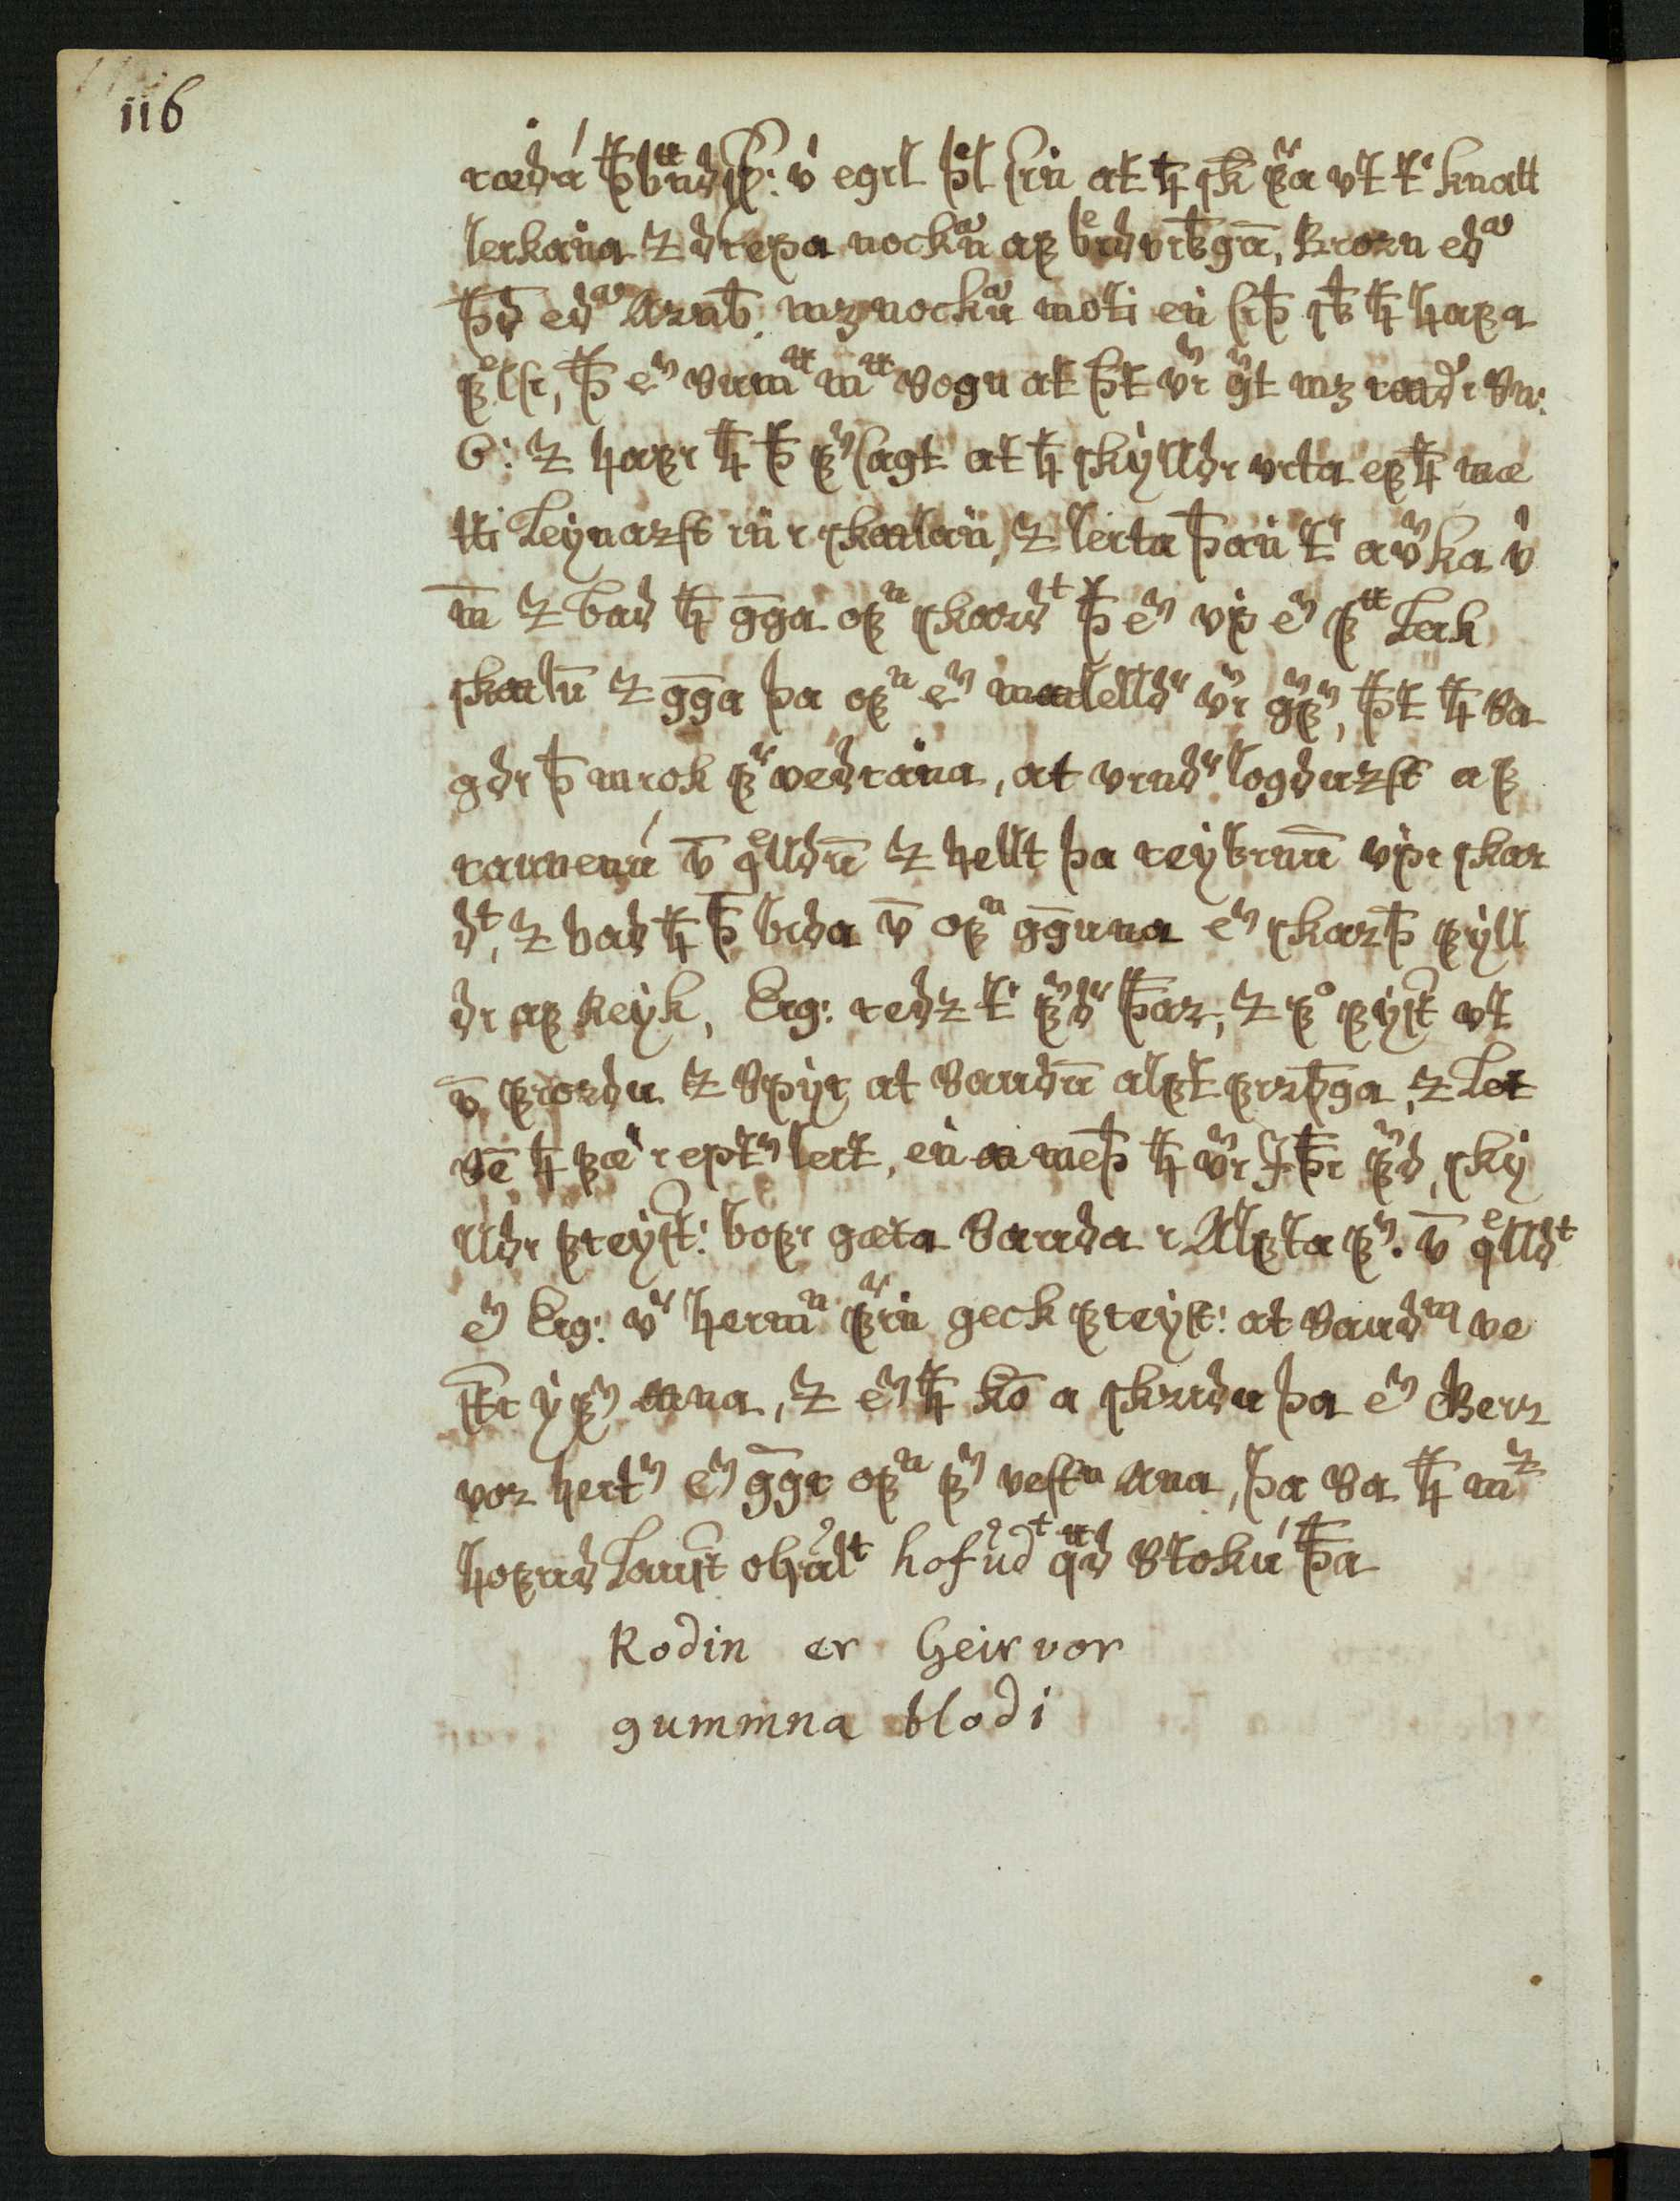 AM 448 4° - 58v